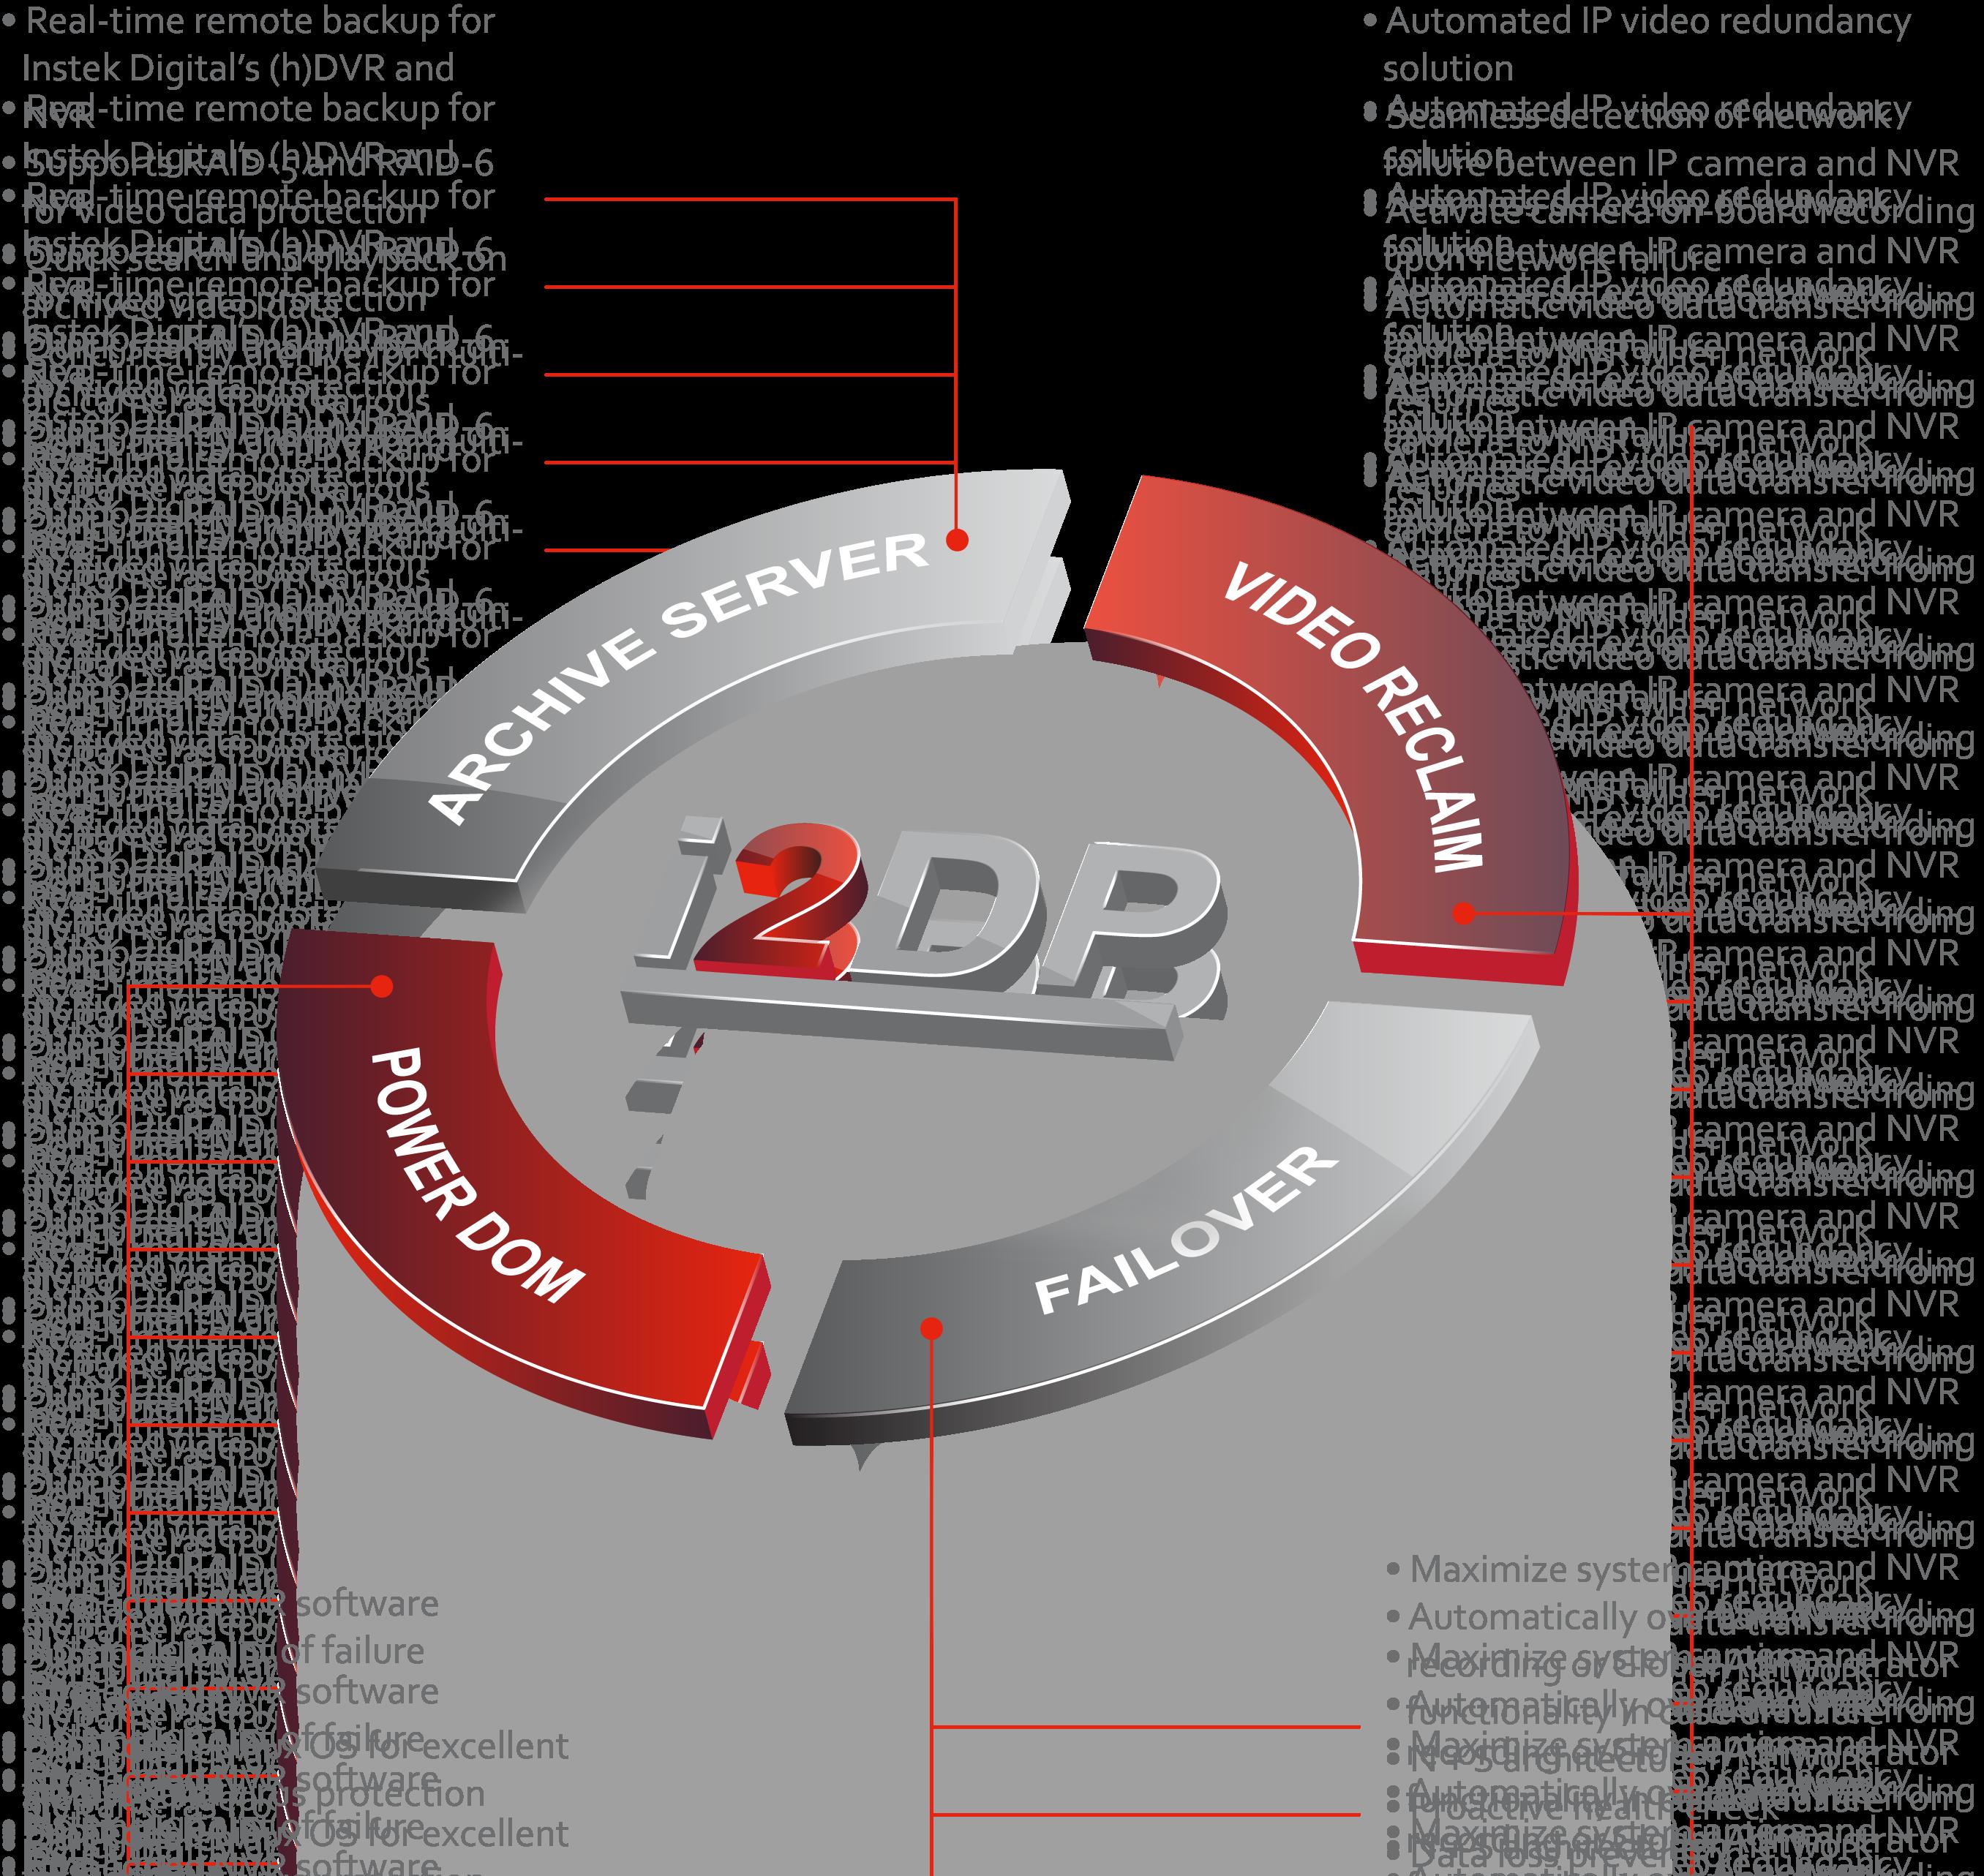 Instek Digital | I2DP